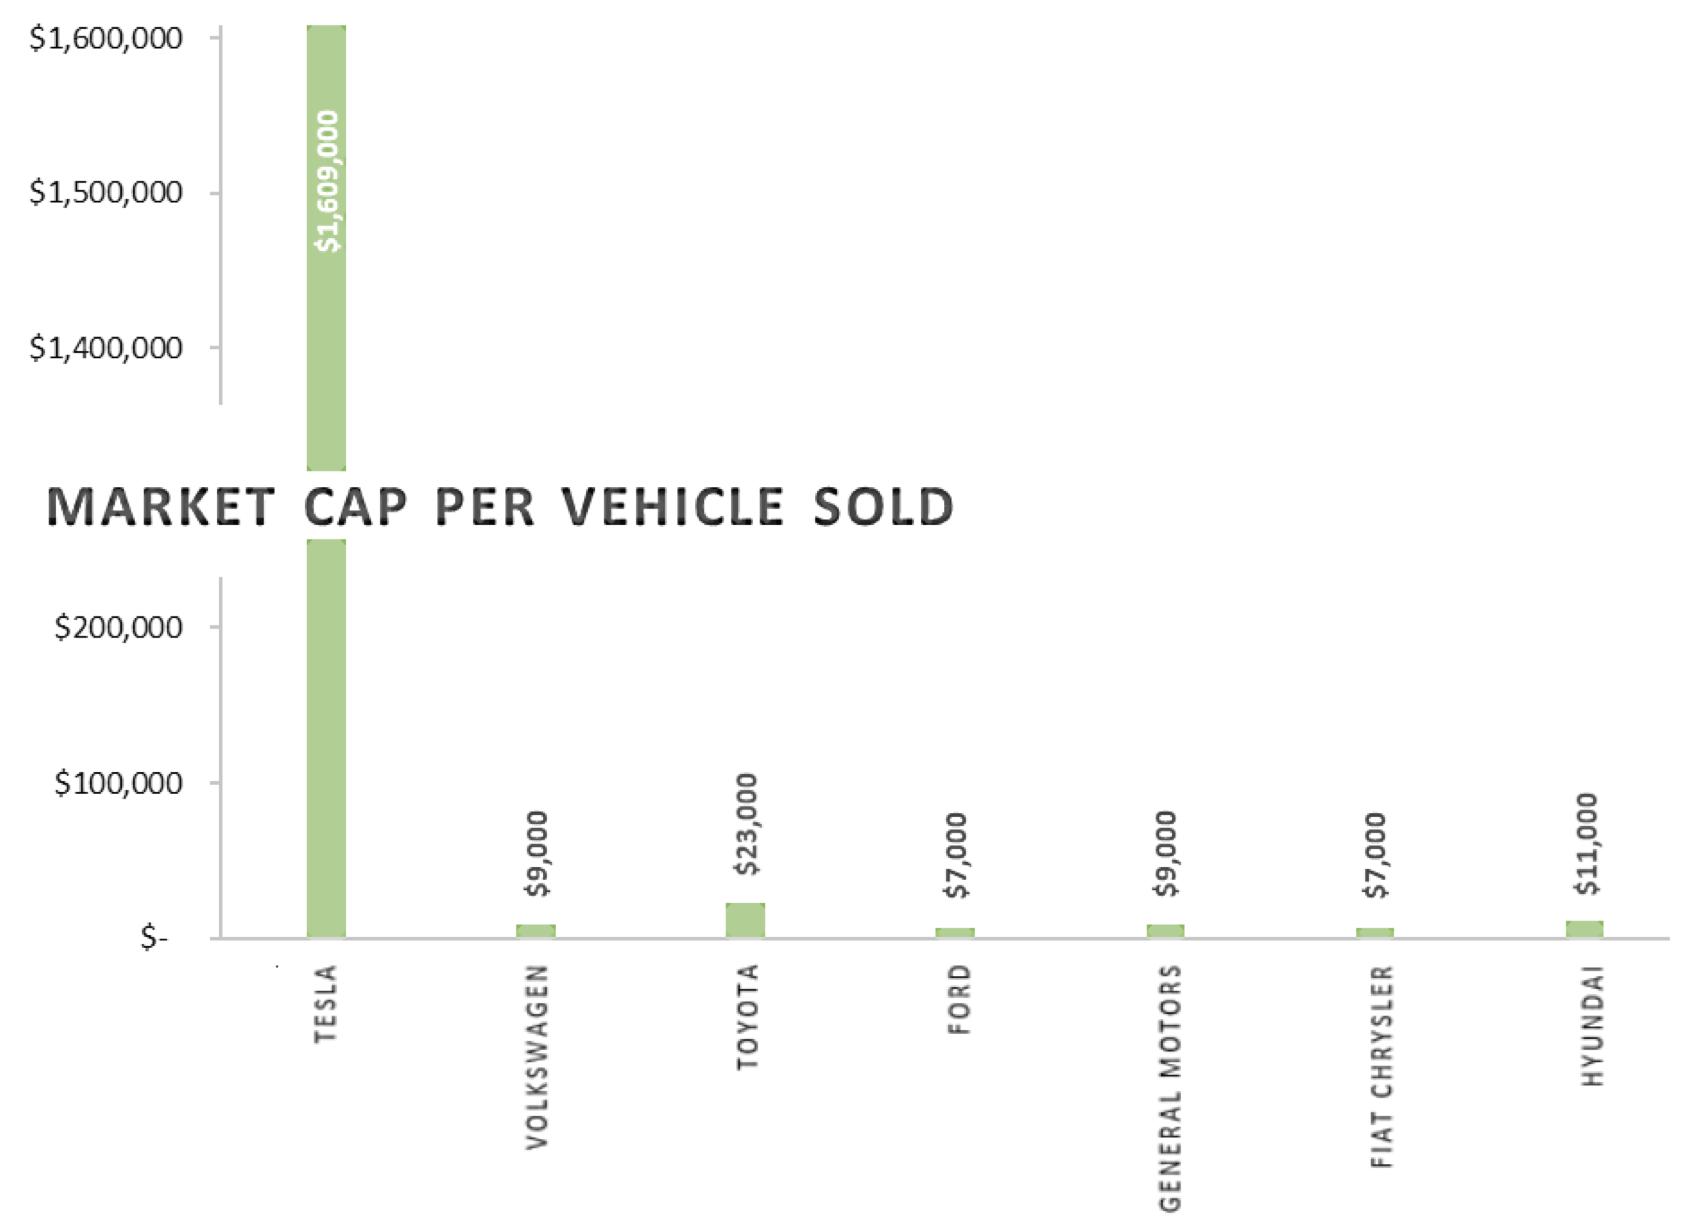 Market cap per vehicle sold